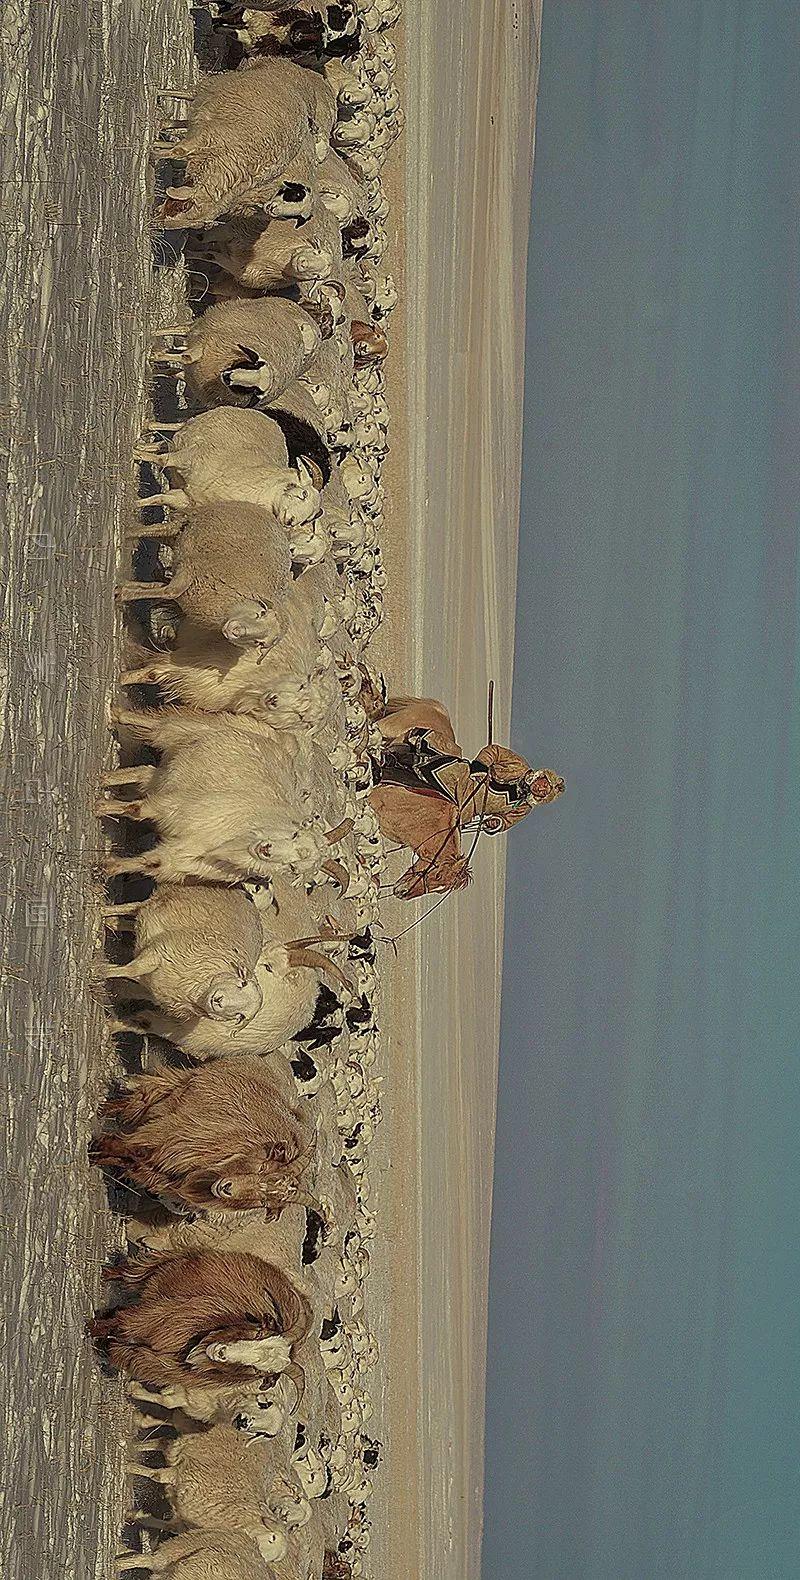 似曾相识话游牧 第14张 似曾相识话游牧 蒙古文化